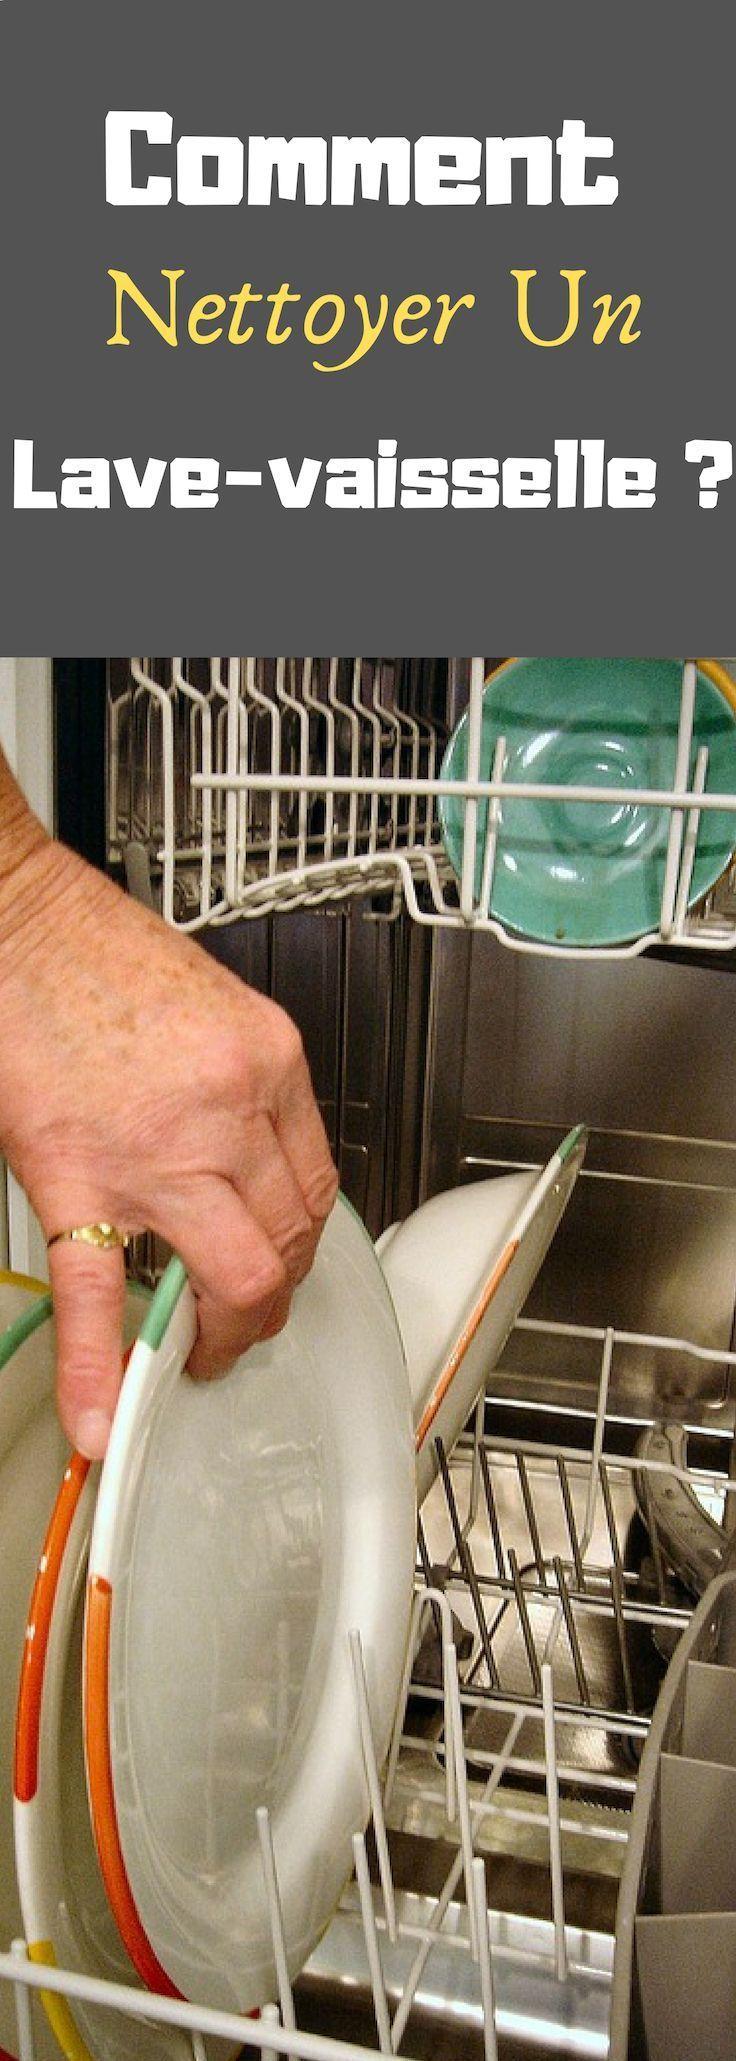 comment nettoyer un lave vaisselle astuces pour les. Black Bedroom Furniture Sets. Home Design Ideas